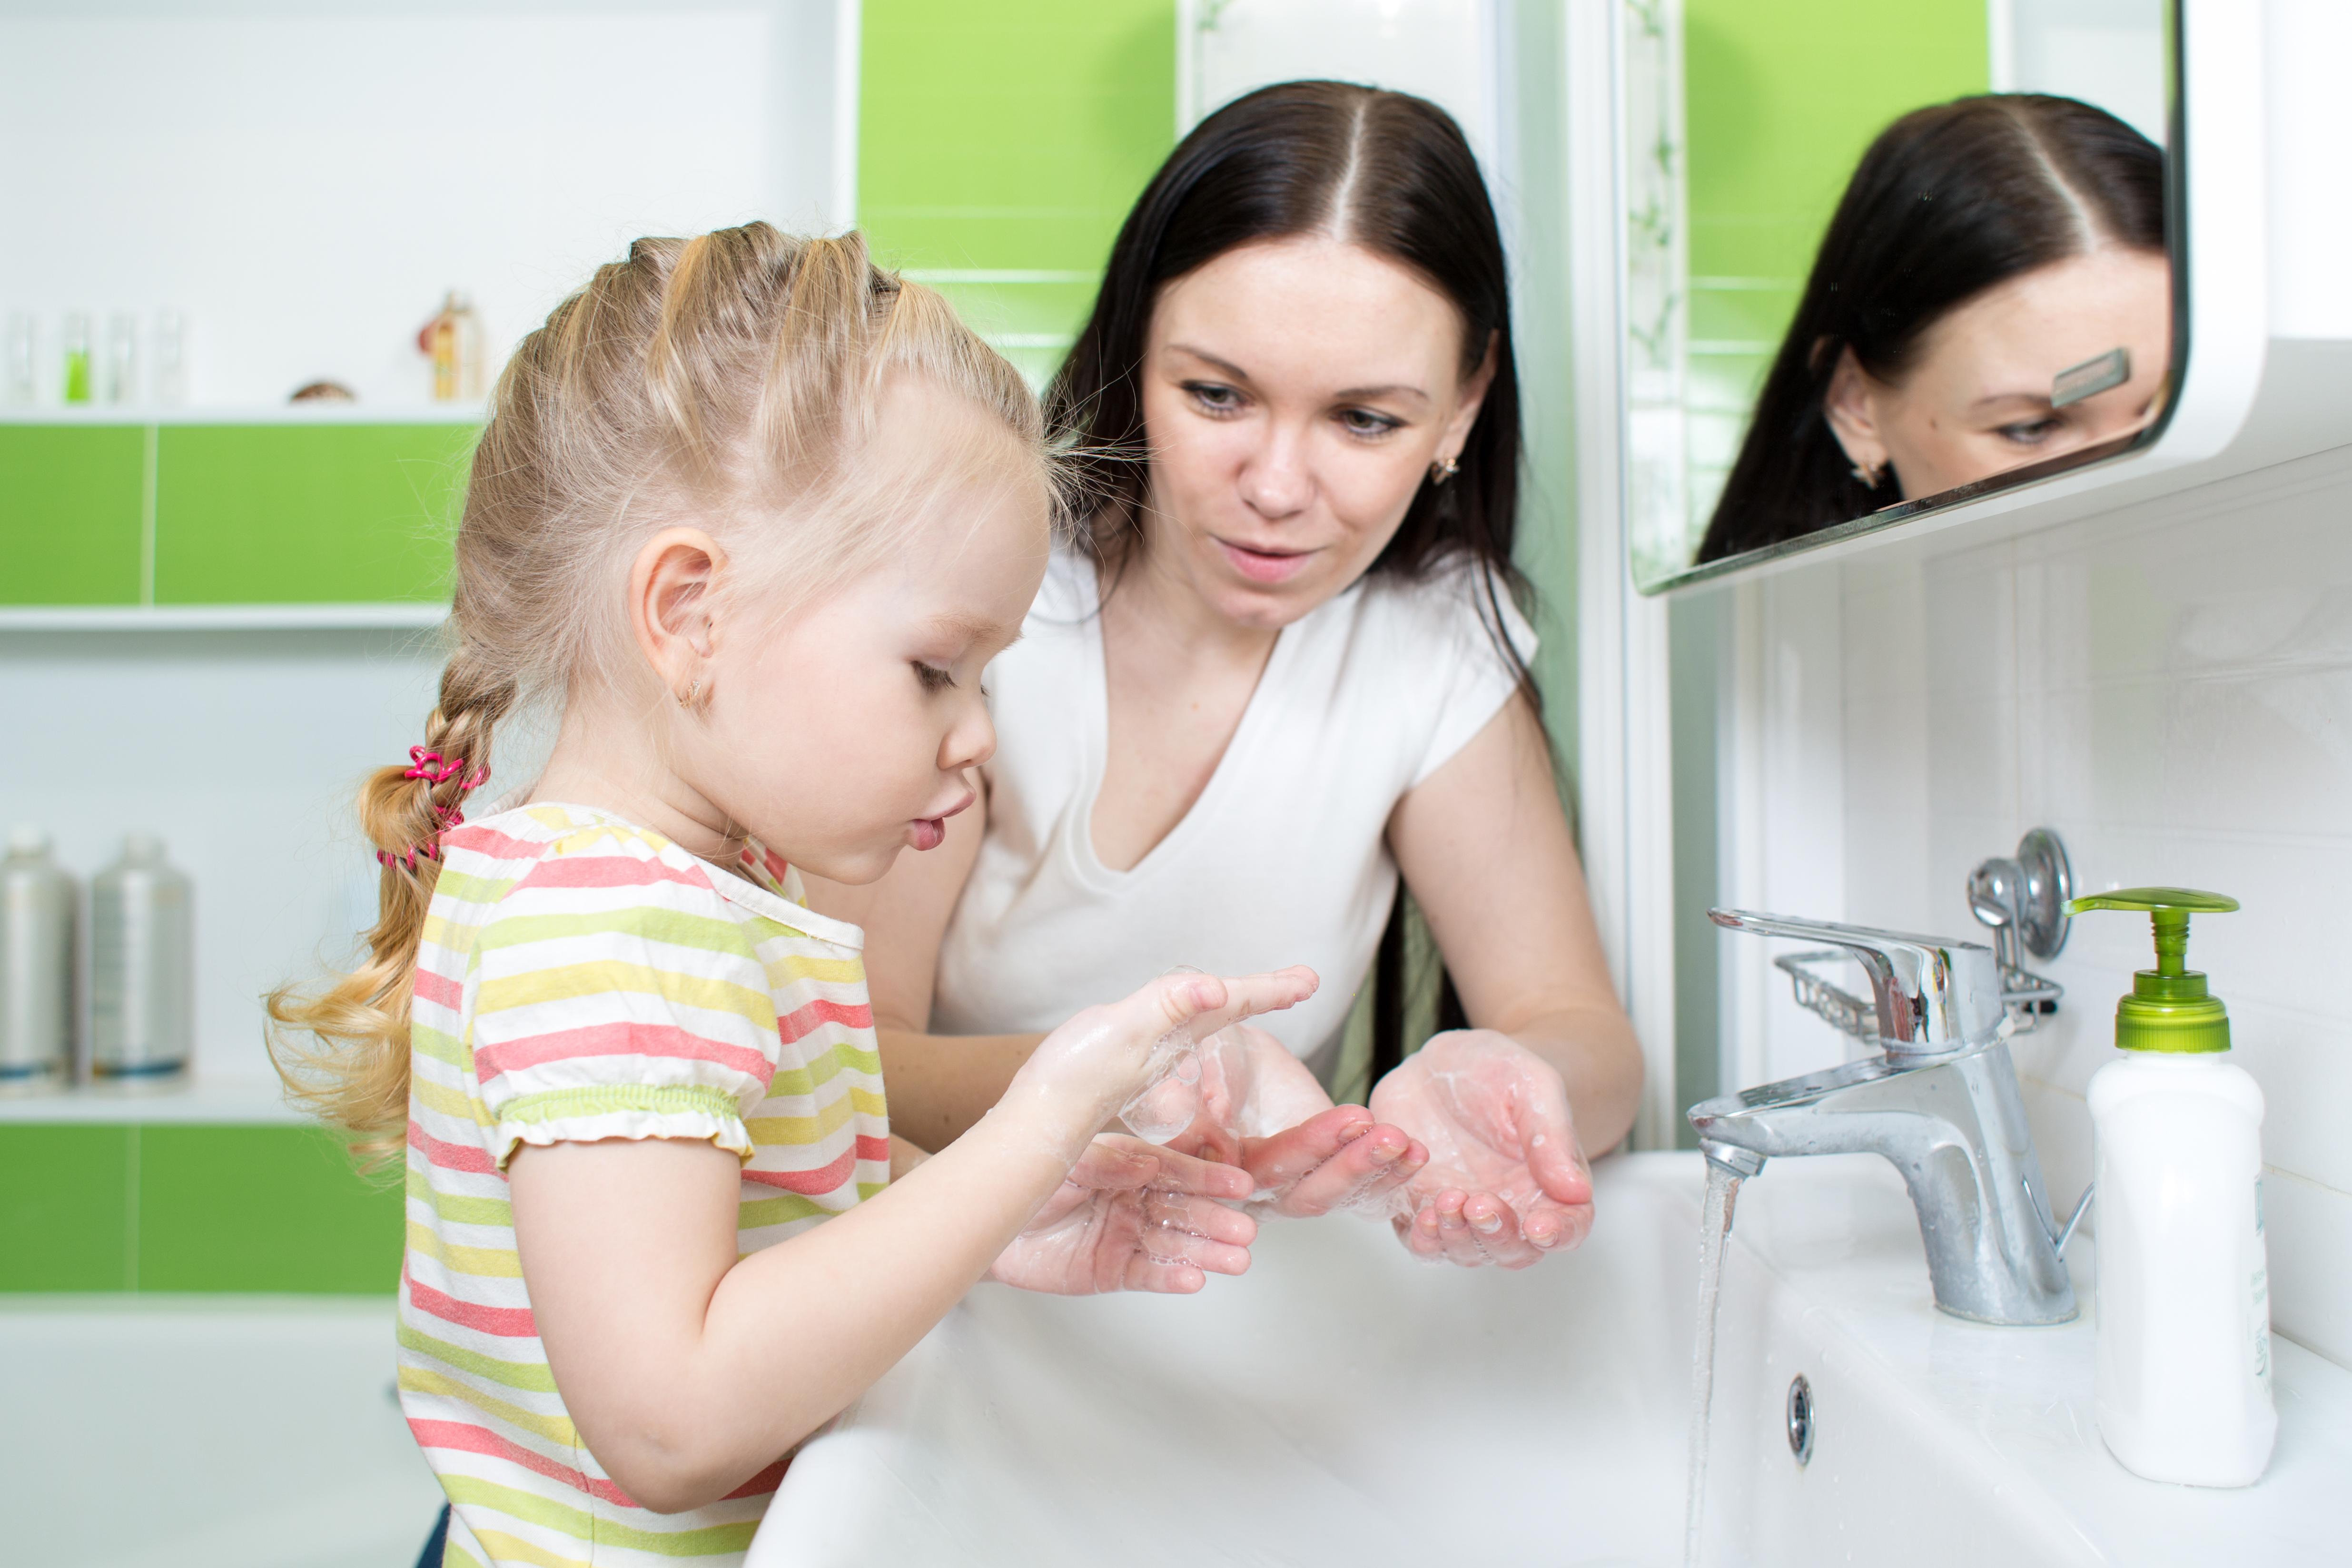 Även om extra hygieninsatser inte påverkade frånvaron är god hygien på förskolan fortsatt viktigt för barnen.